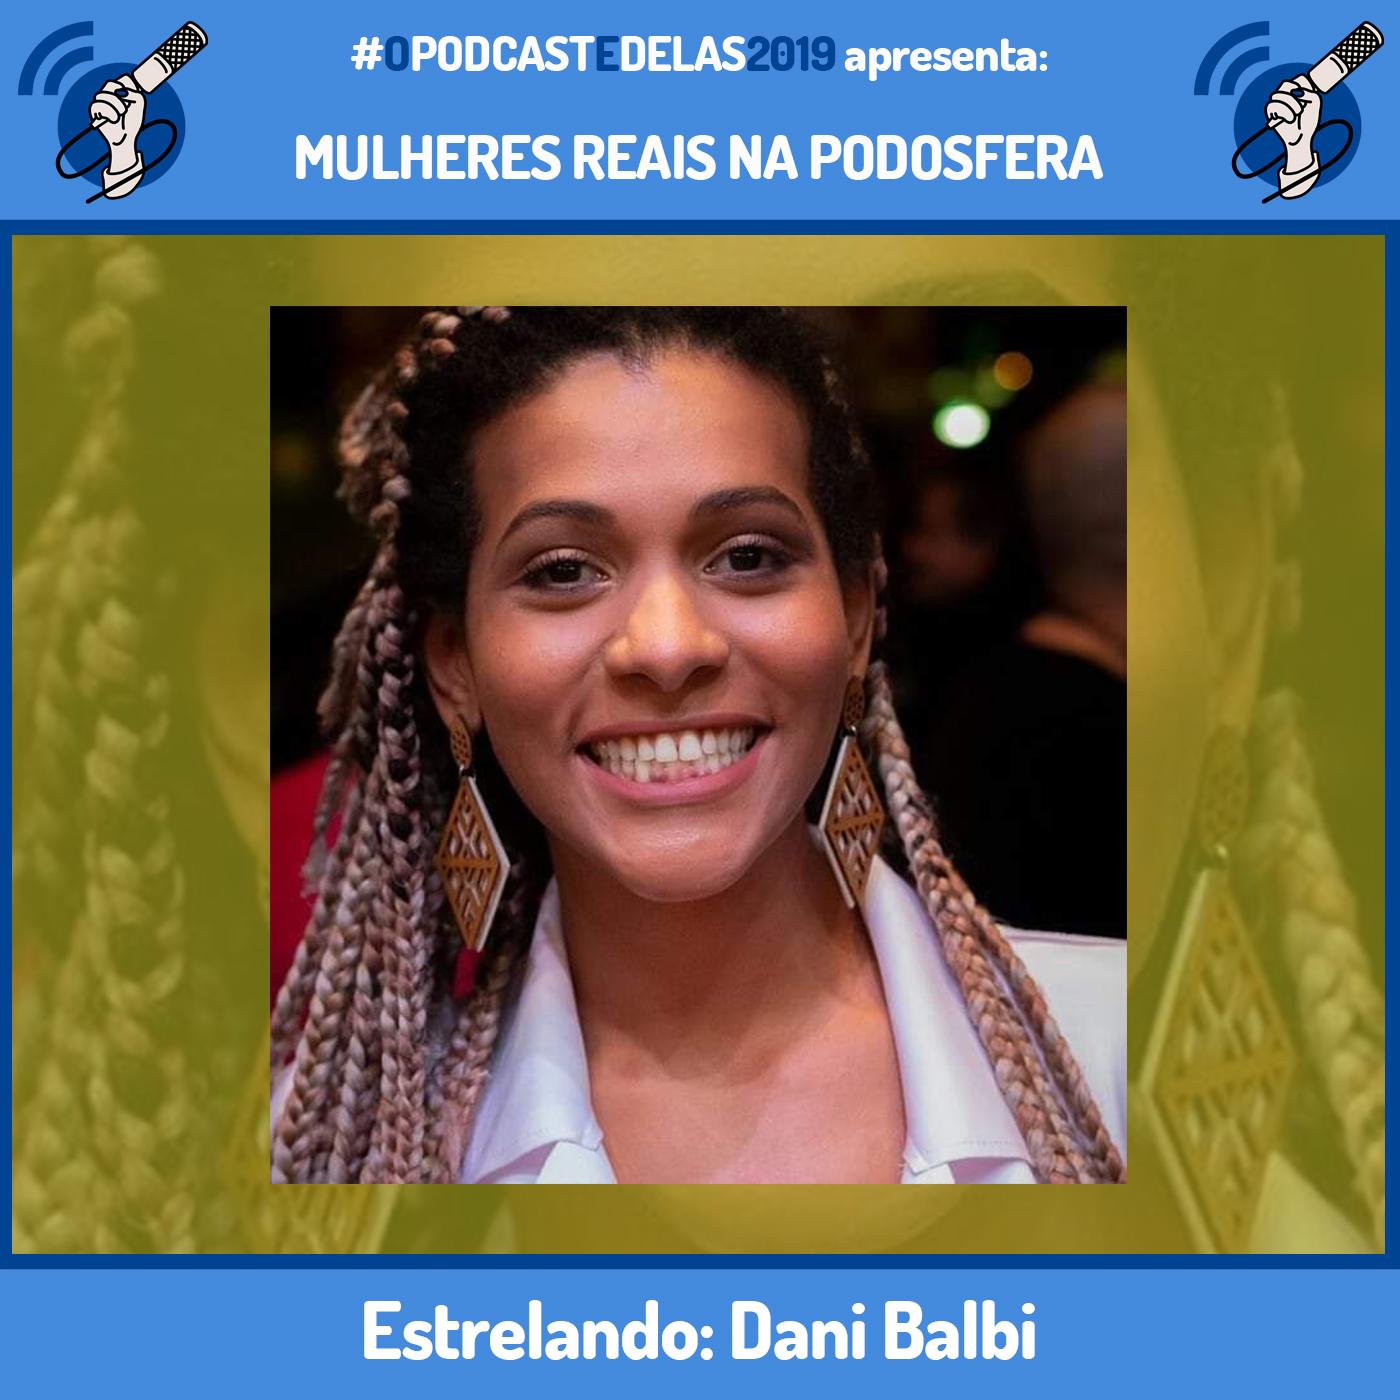 """Fotomontagem em quadro azul. Ao centro tem a foto de Dani Baldi Ela está olhando para frente e possui um enorme sorriso. Ela possui um cabelo longo e está usando uma camisa branca. Em cima está escrito """"#OPodcastÉDelas2019 apresenta Mulheres Reais na Podosfera"""". Embaixo está escrito """"Ep. 31 - Dani Balbi"""""""